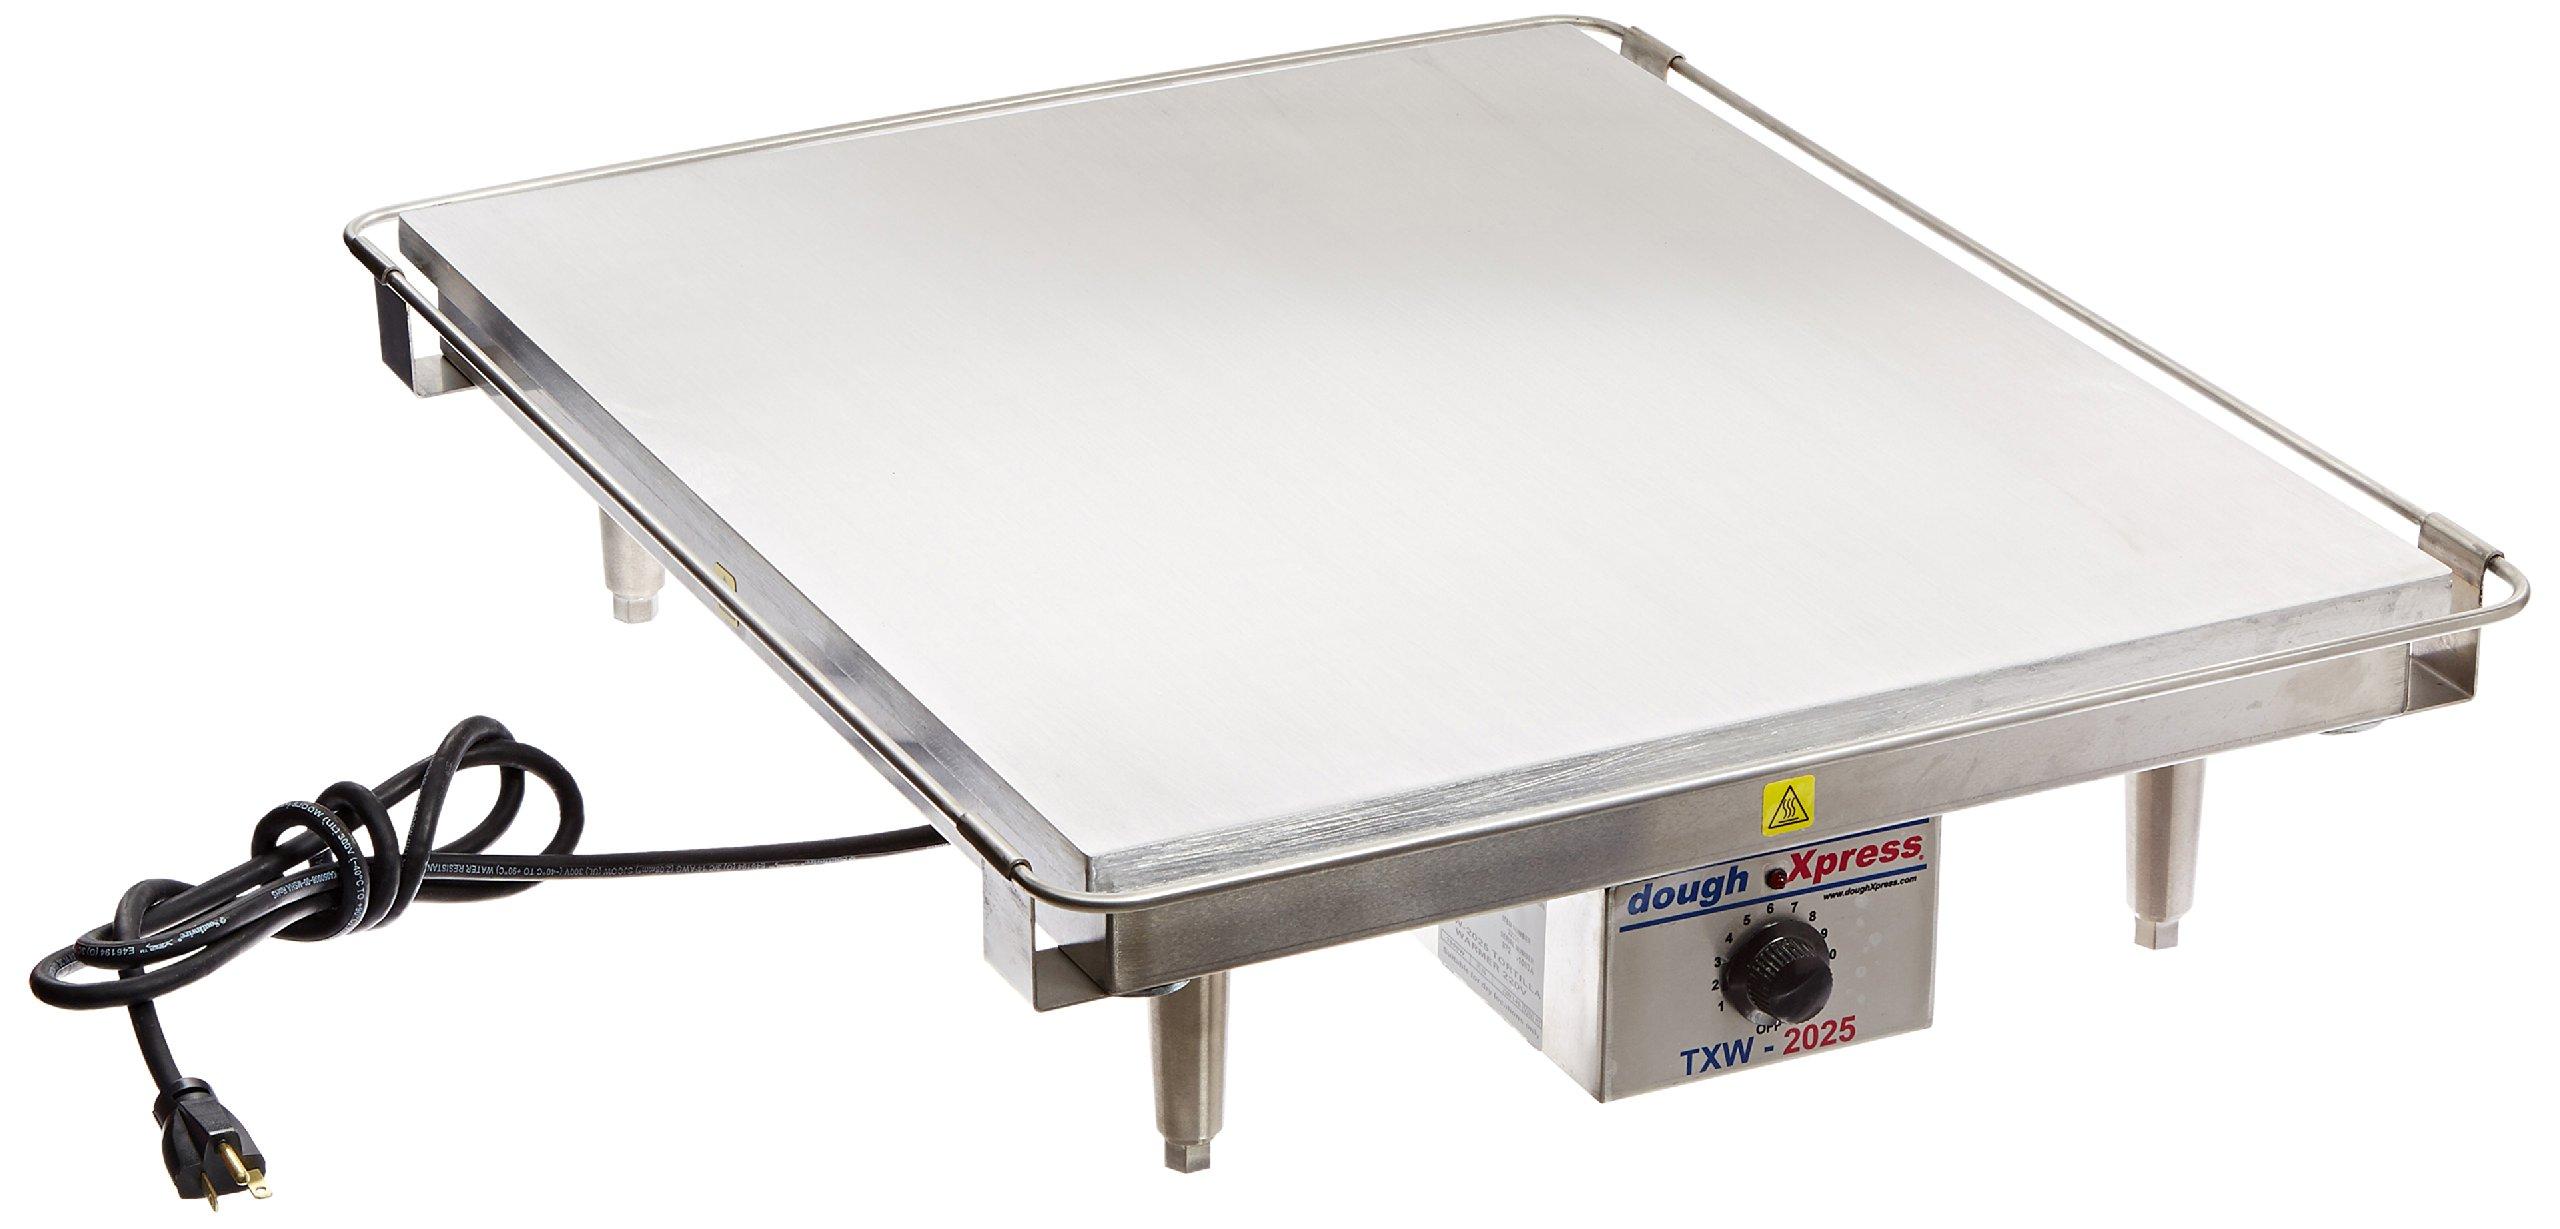 DoughXpress TXW-2025 Stainless Steel Tortilla Flat Grill Warmer, 220V, 20'' Width x 6'' Height x 25'' Depth